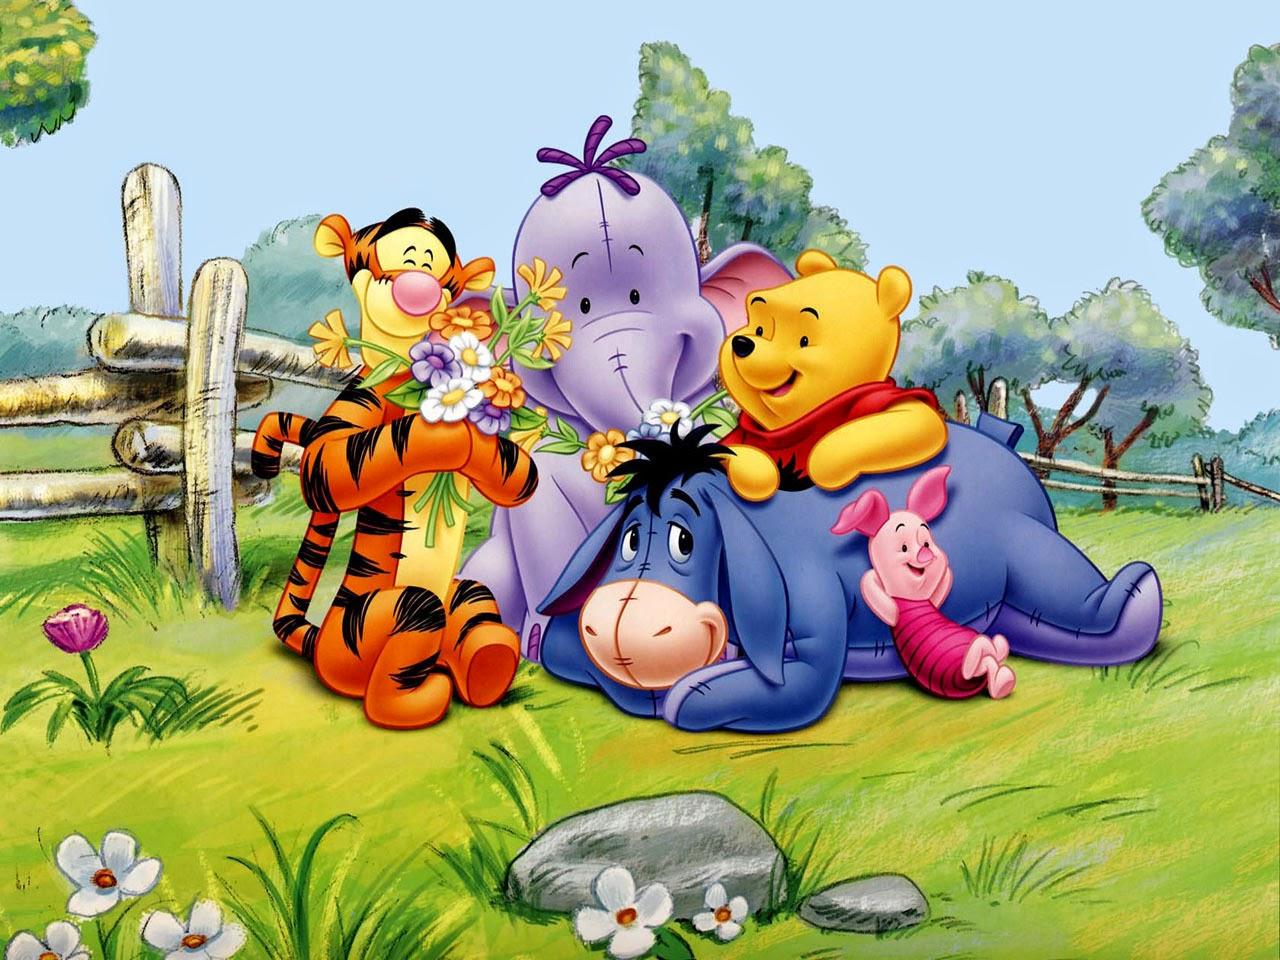 Imagenes de Winnie Pooh y Sus Amigos | Imágenes y Postales